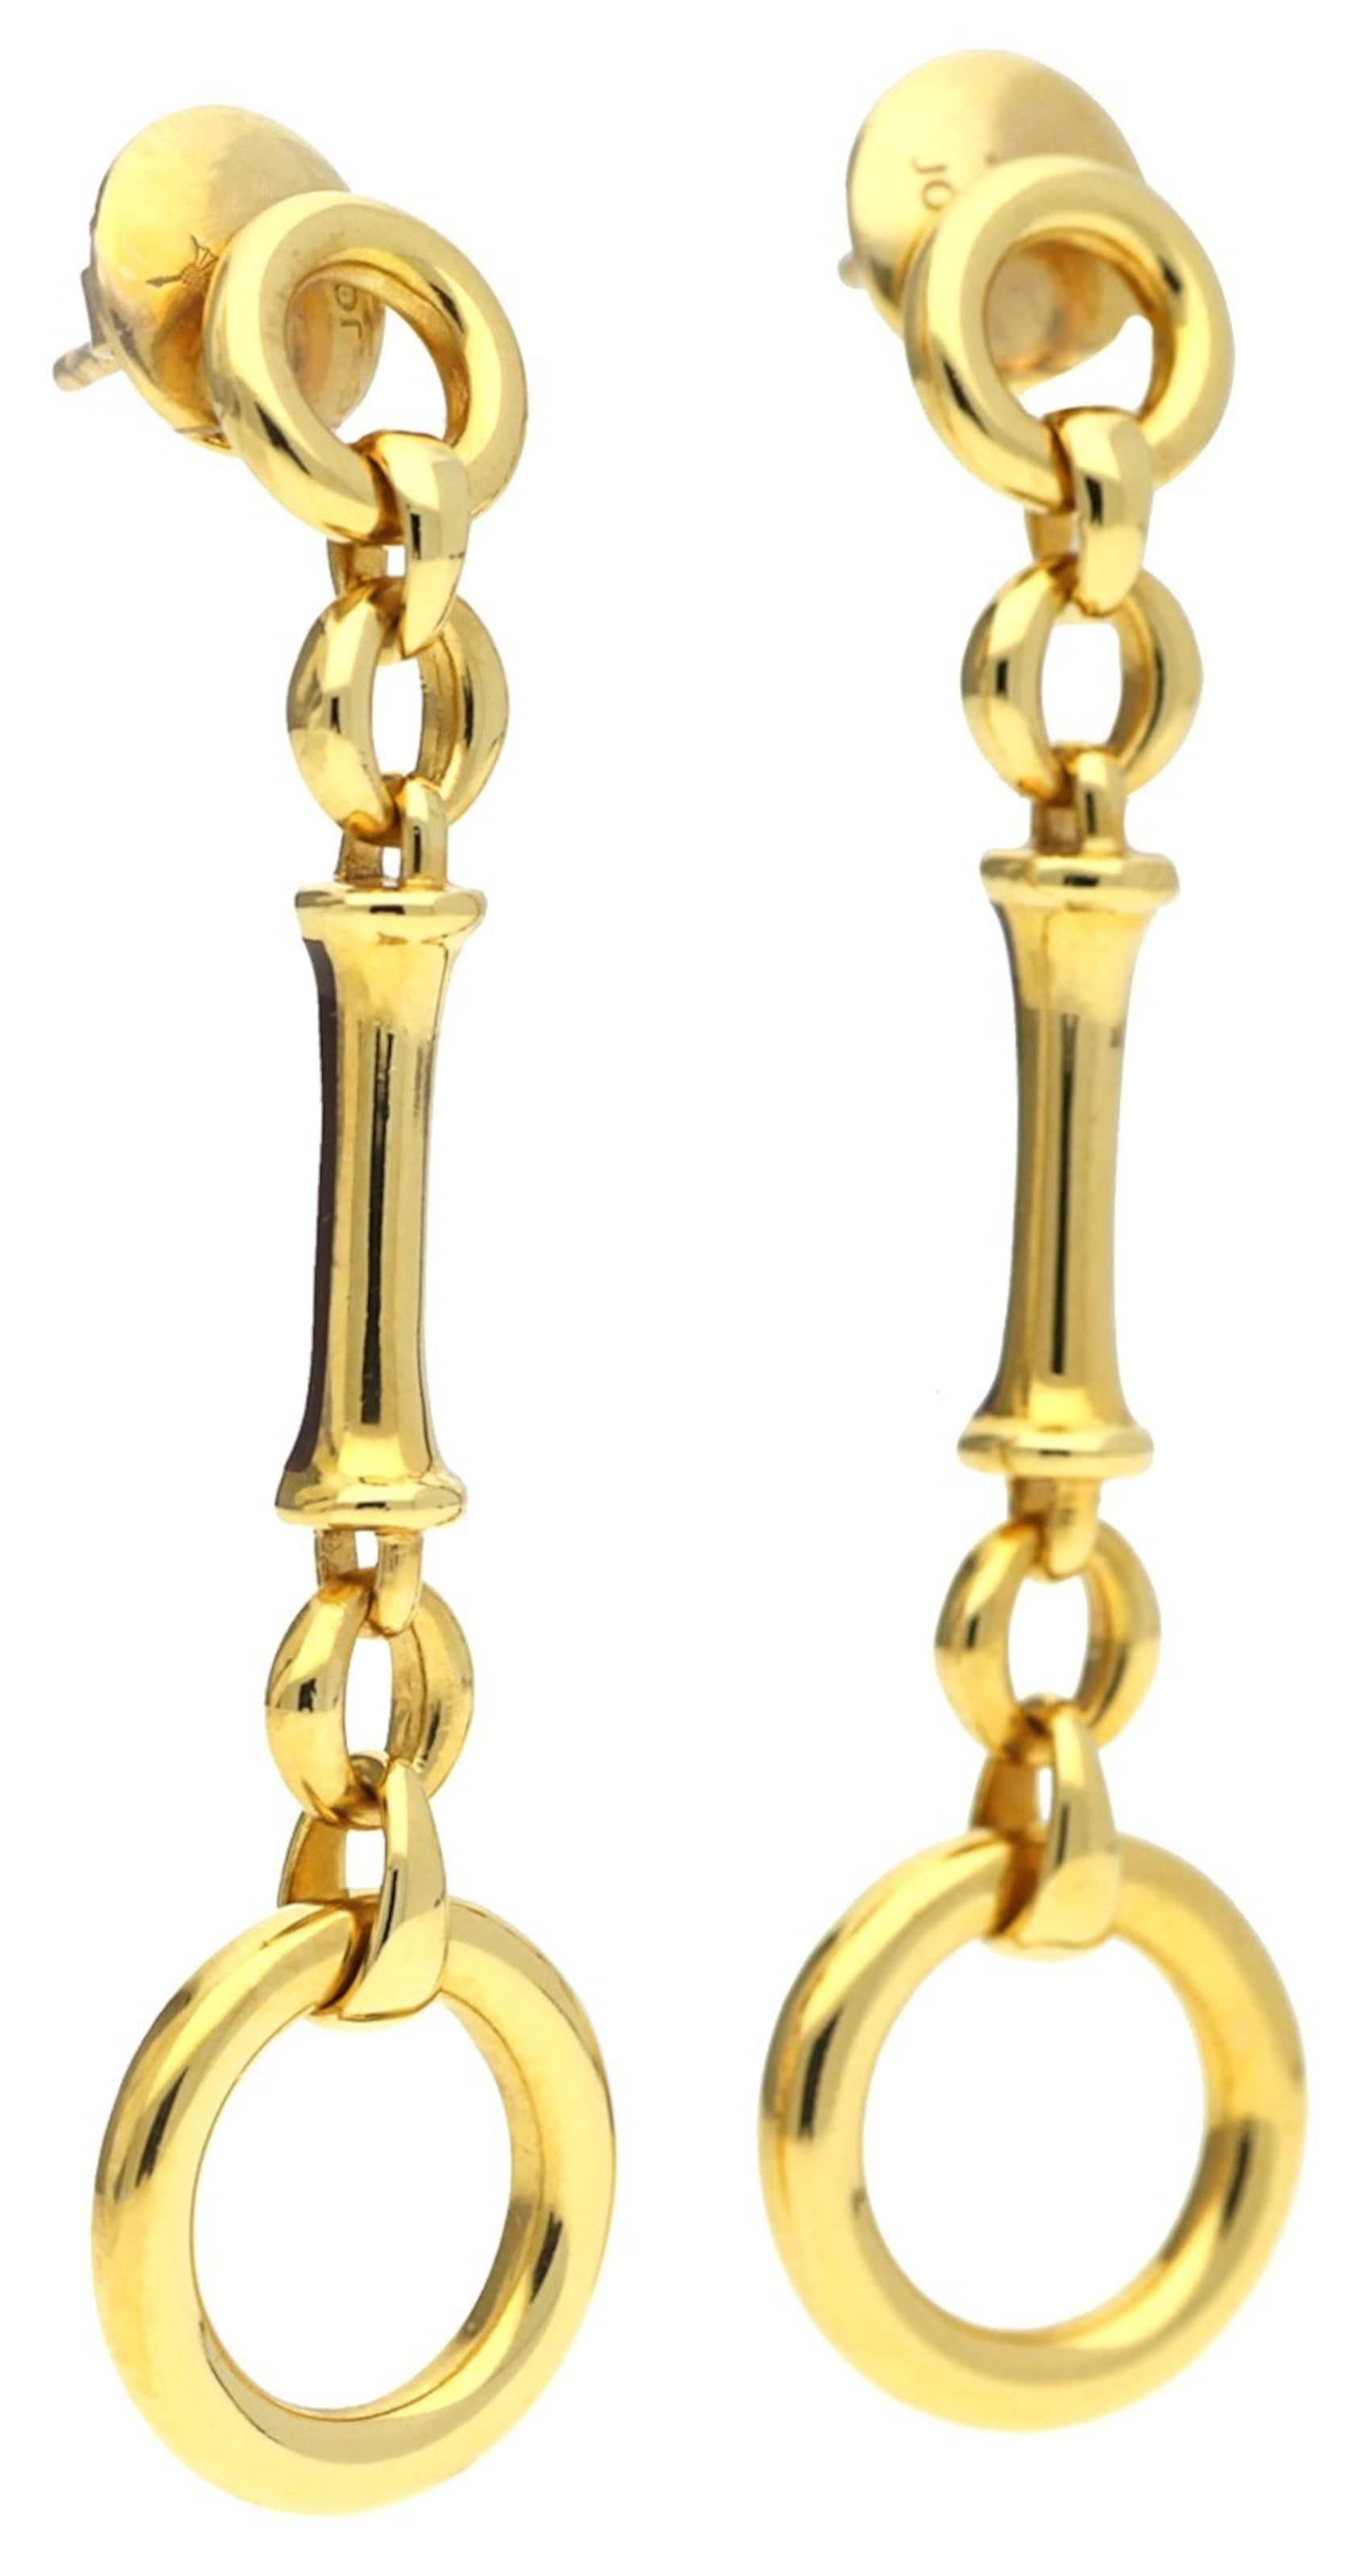 JOOP! Ohrringe 'Sofia' Günstig Kaufen Kauf Vorbestellung Für Verkauf Auslass Empfehlen zgga3uu7b